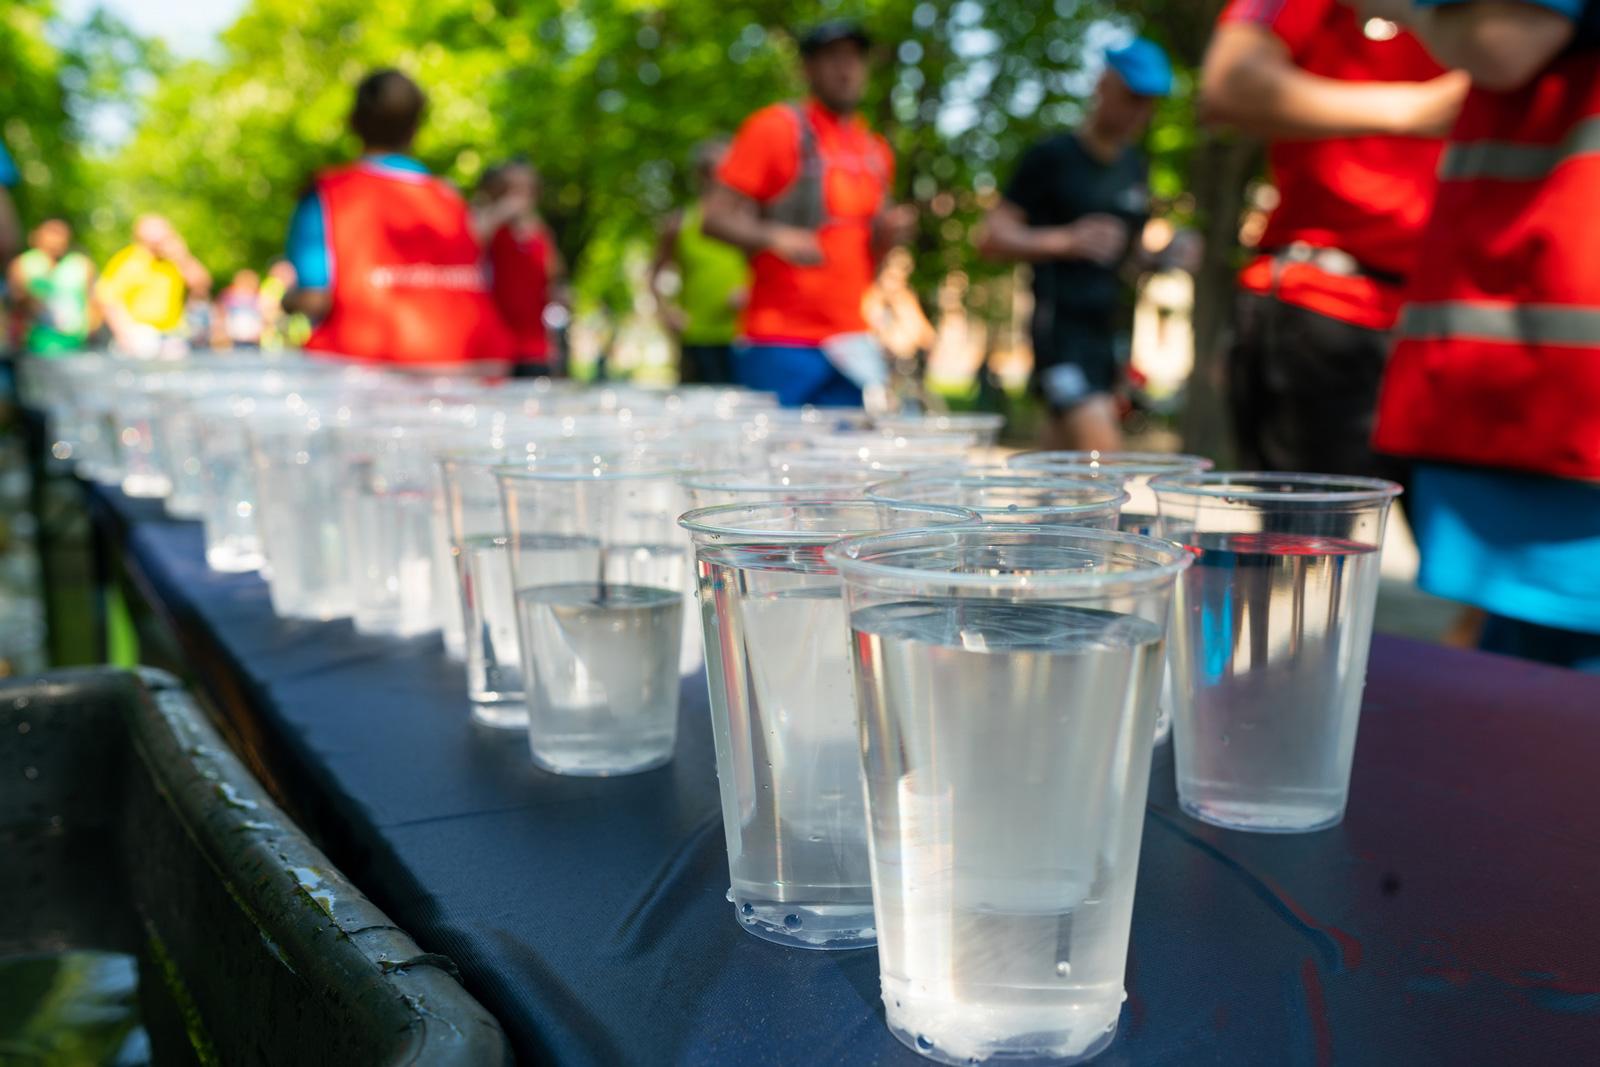 Empfehlung: alle 15 bis 20 Minuten mindestens einen Becher Wasser